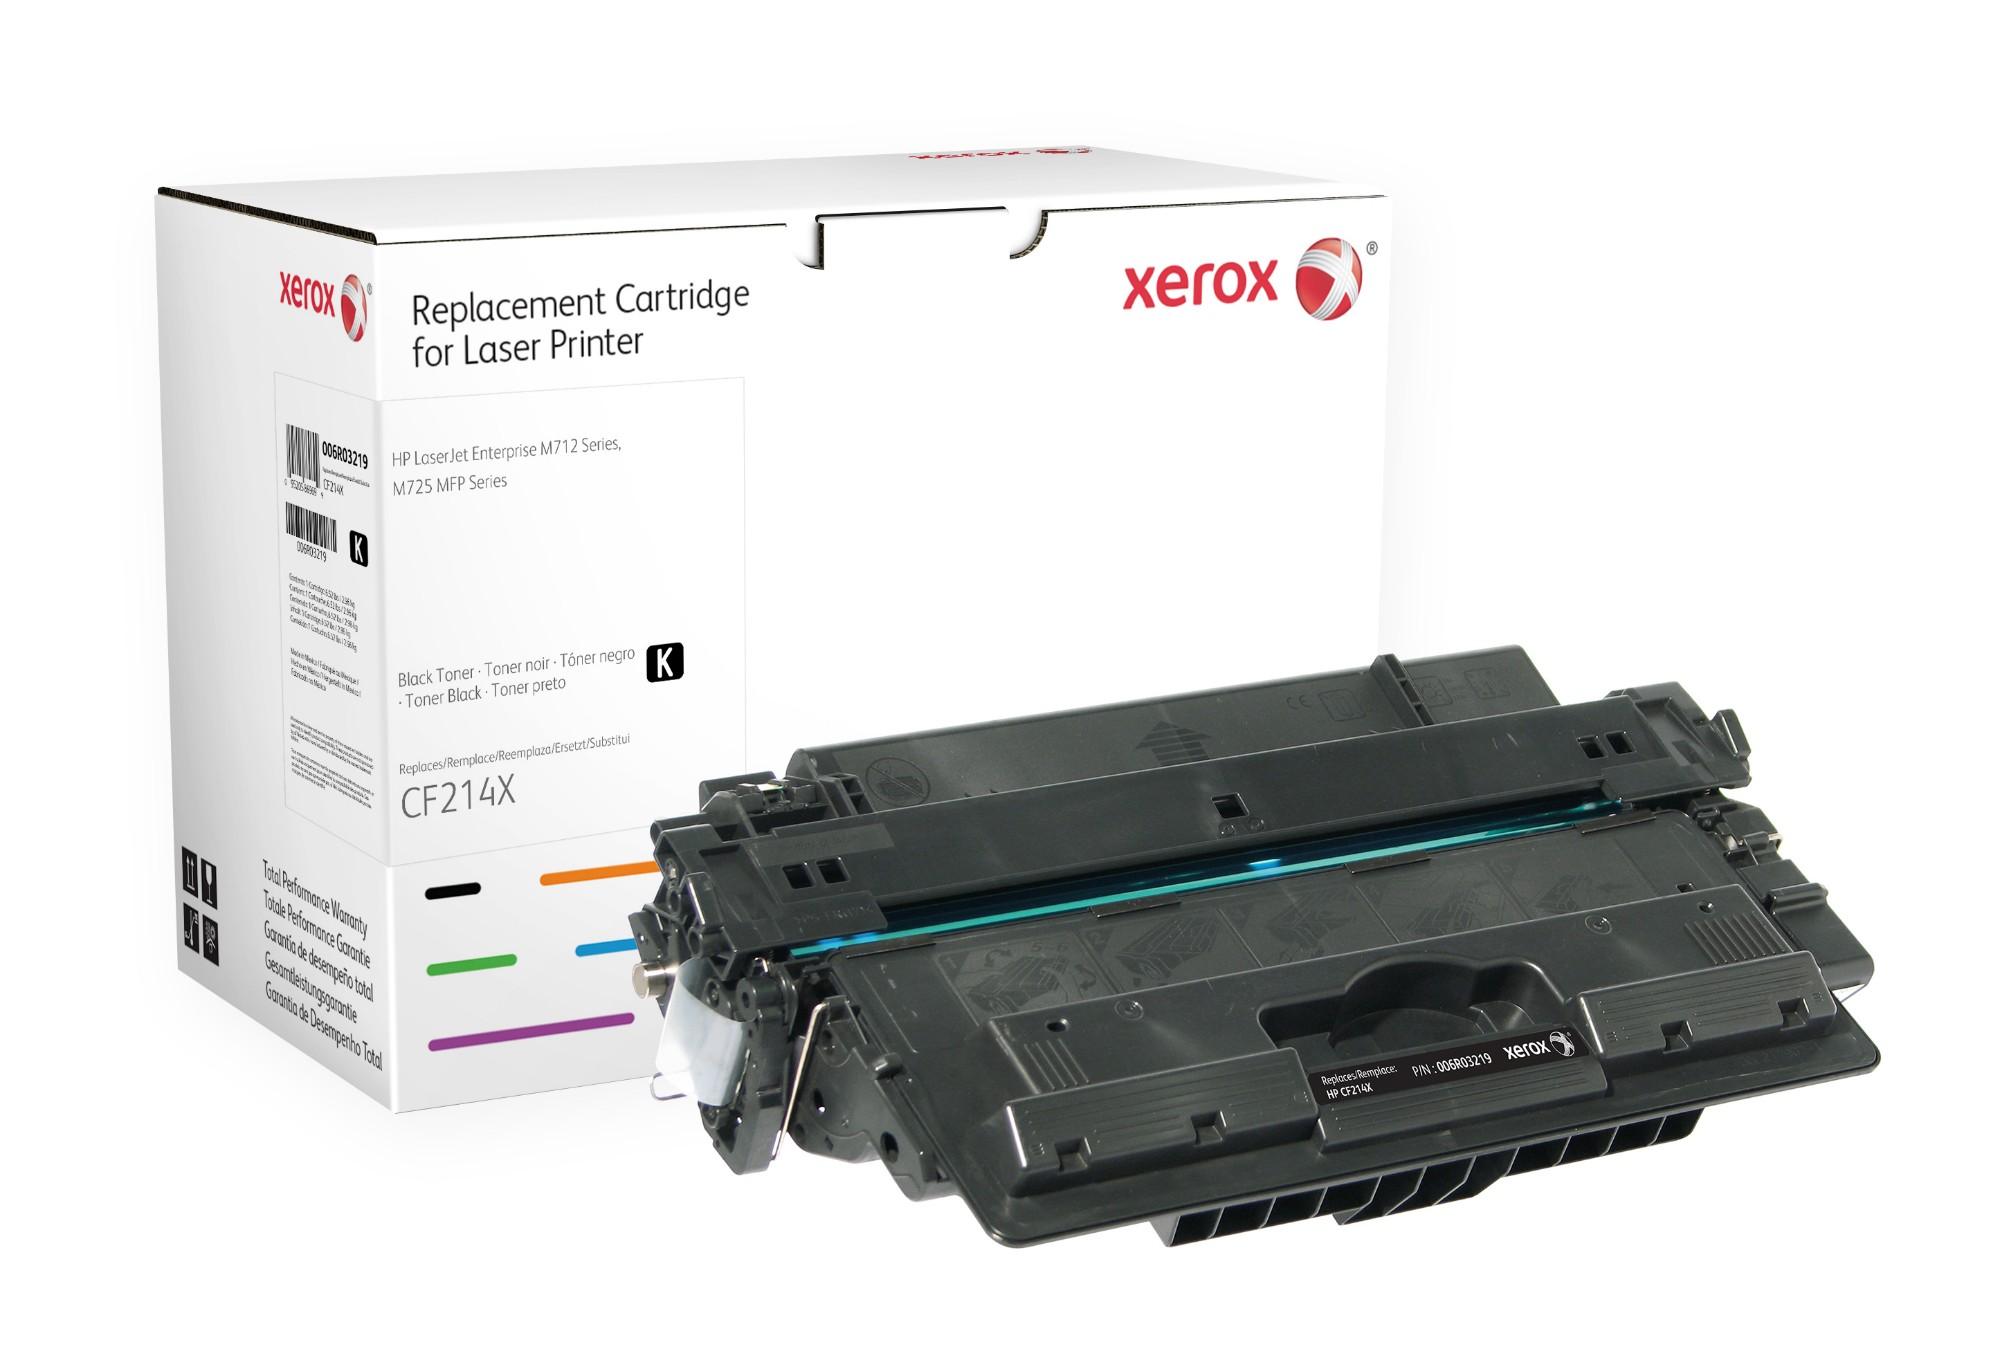 Xerox Cartucho de tóner negro. Equivalente a HP CF214X. Compatible con HP LaserJet M712, LaserJet M725